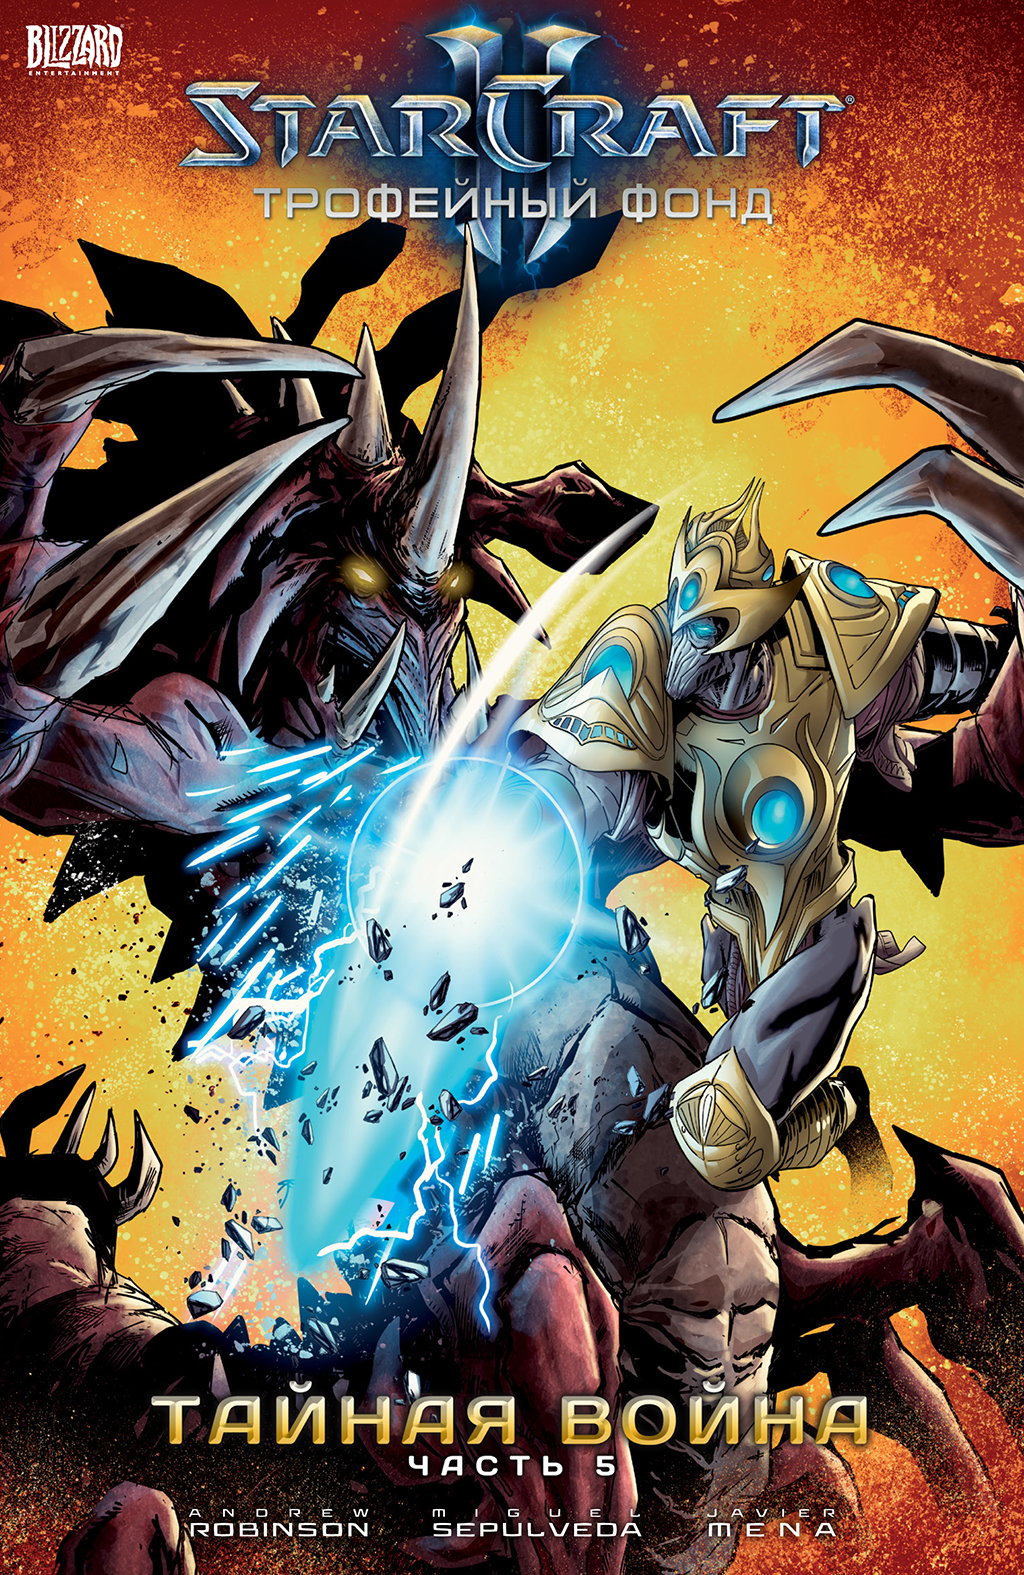 Комикс StarCraft II Войны Теней Трофейный фонд